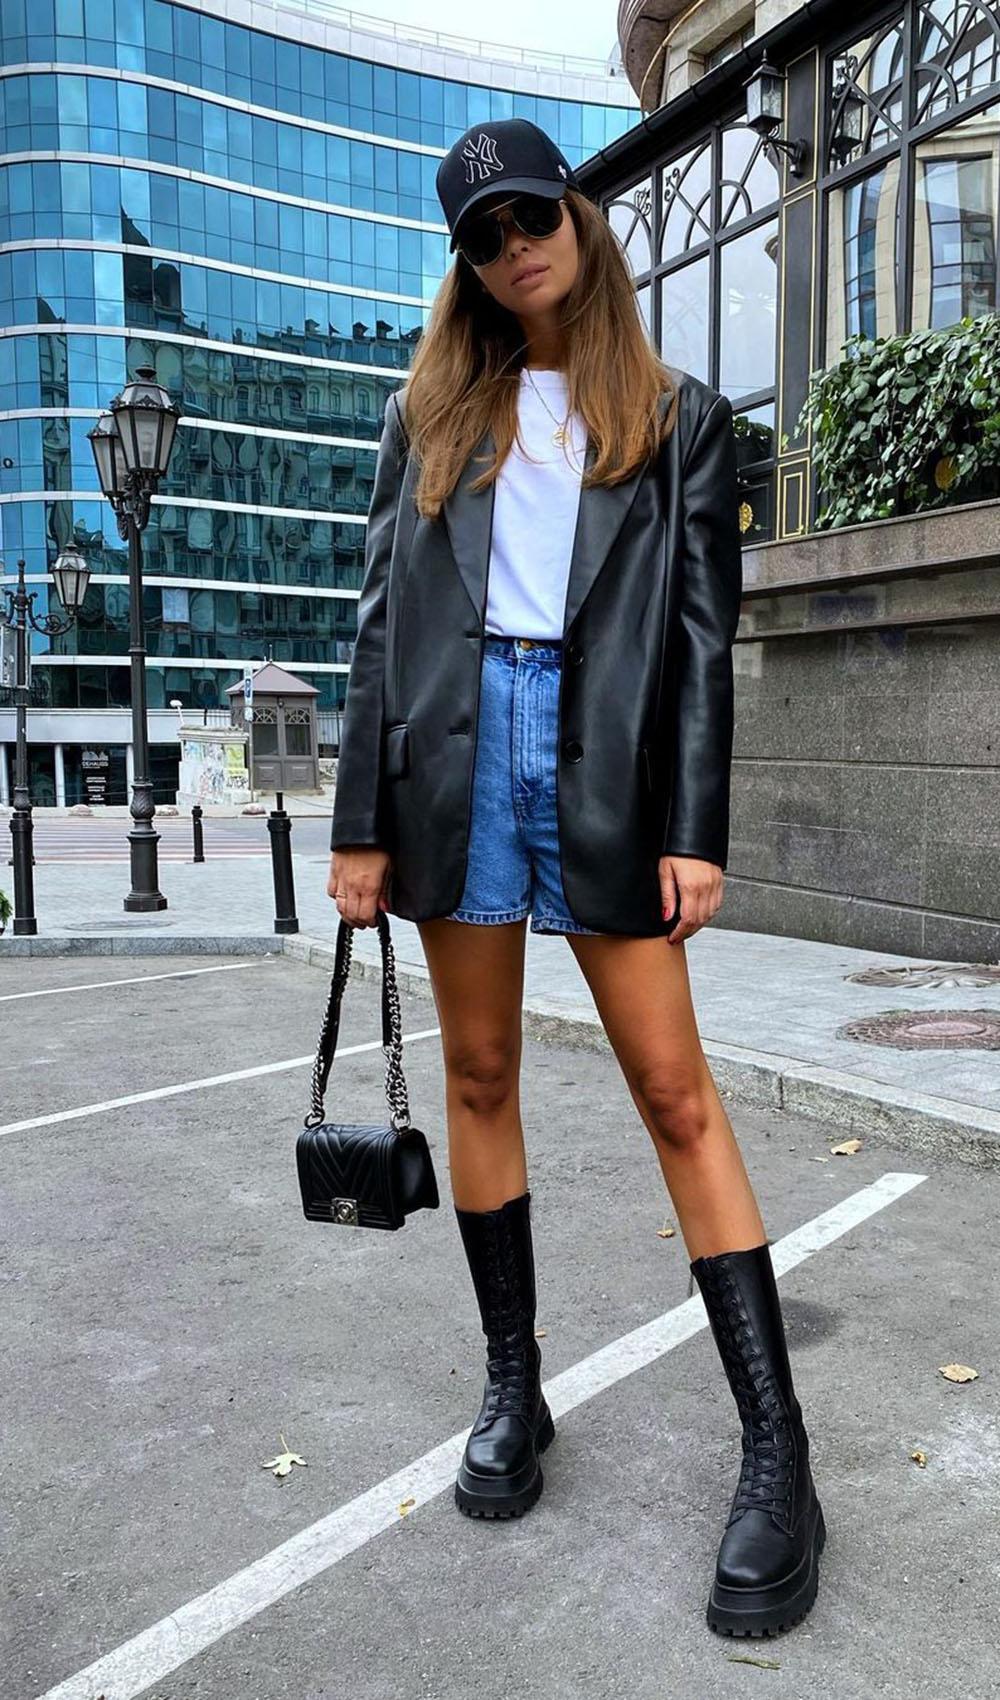 jaqueta de couro, t-shirt branca, bermuda jeans e coturno tratorado